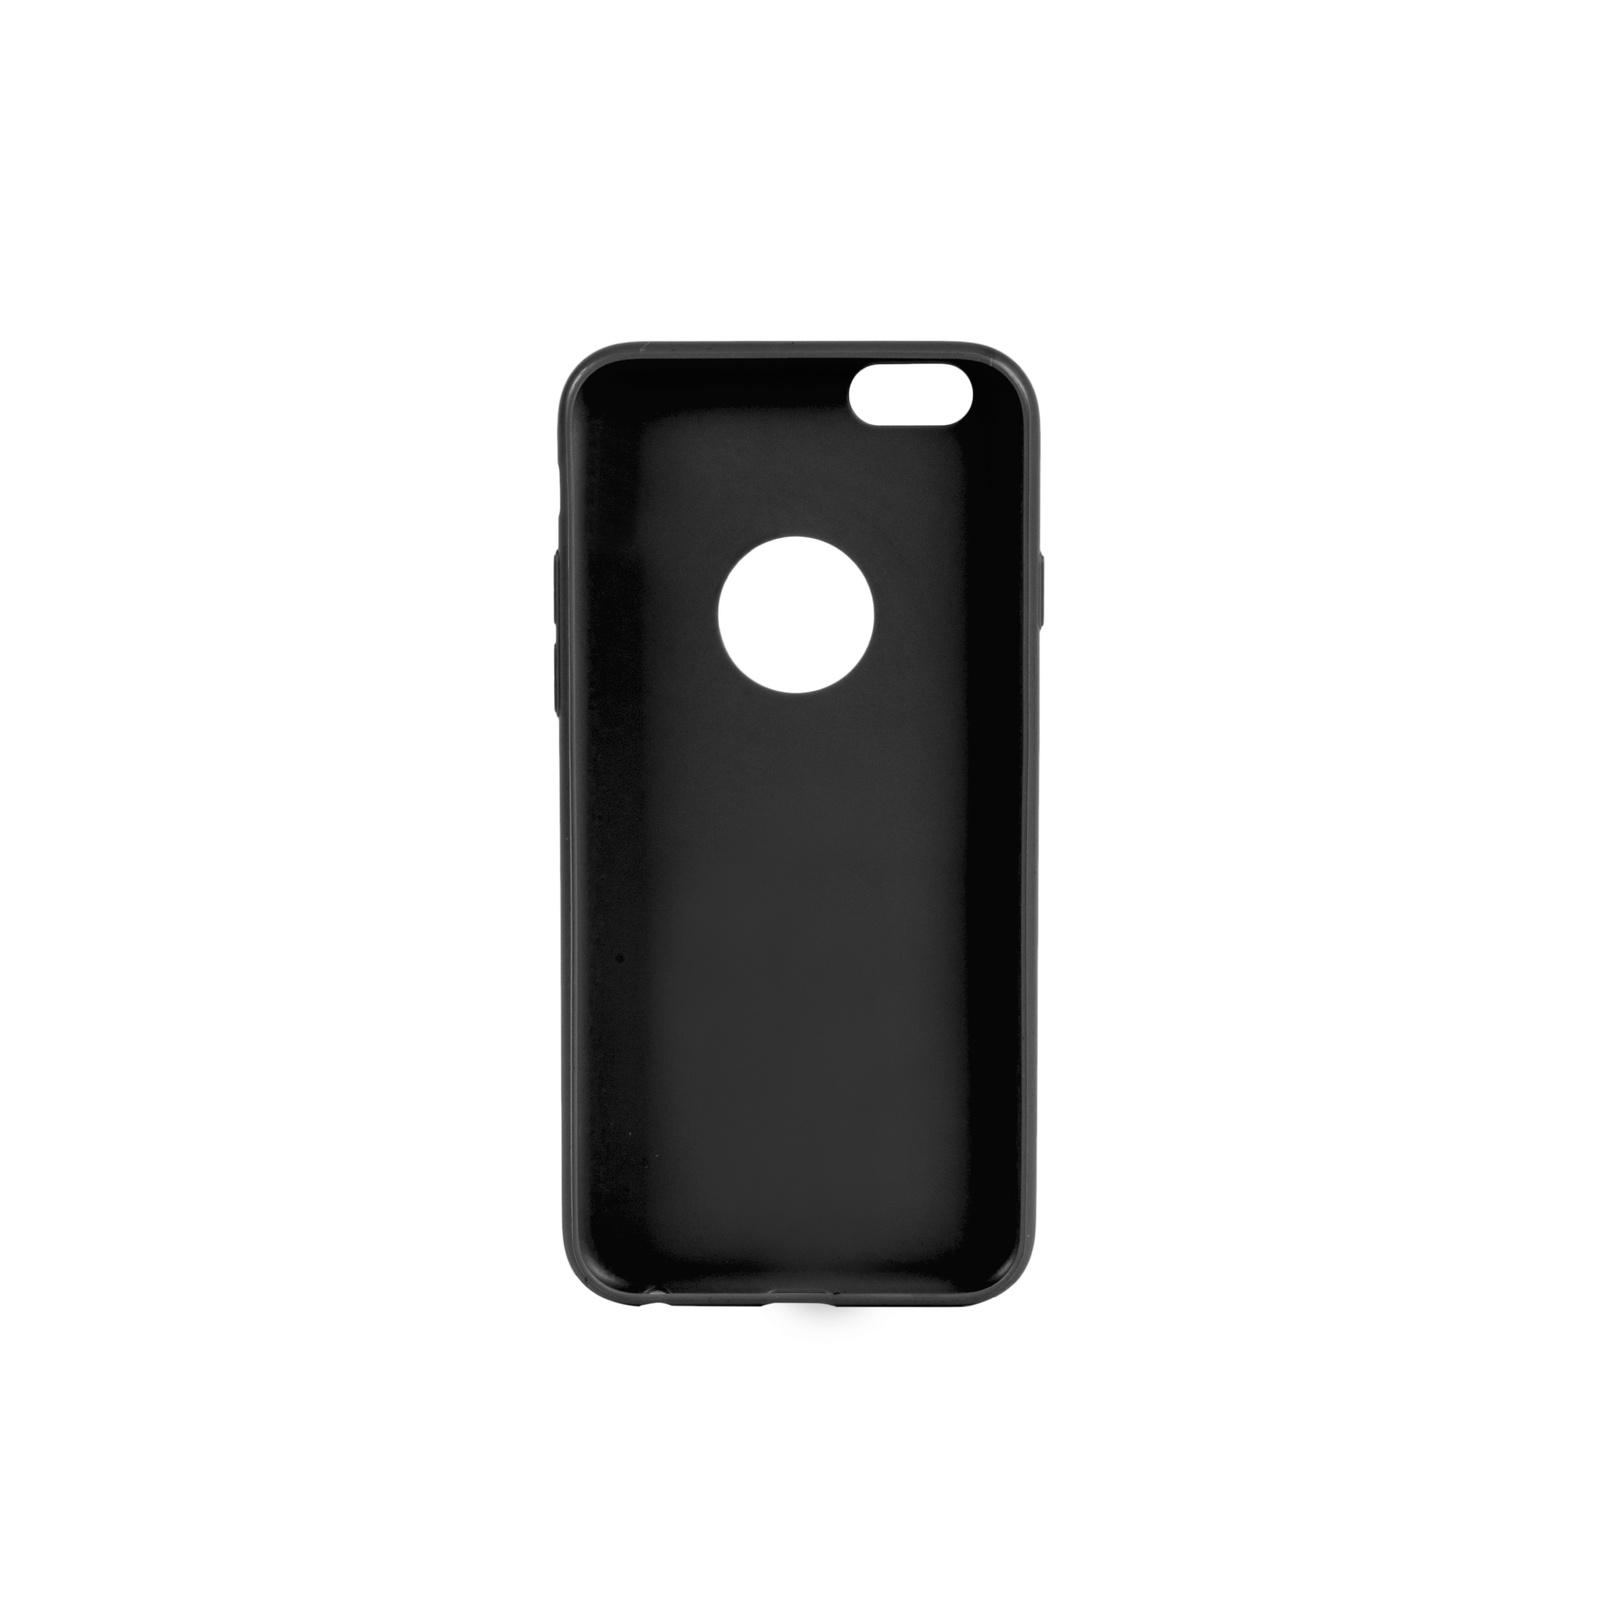 Чехол для сотового телефона REMAX iPhone 6/6S, 4627104427173, черный все цены